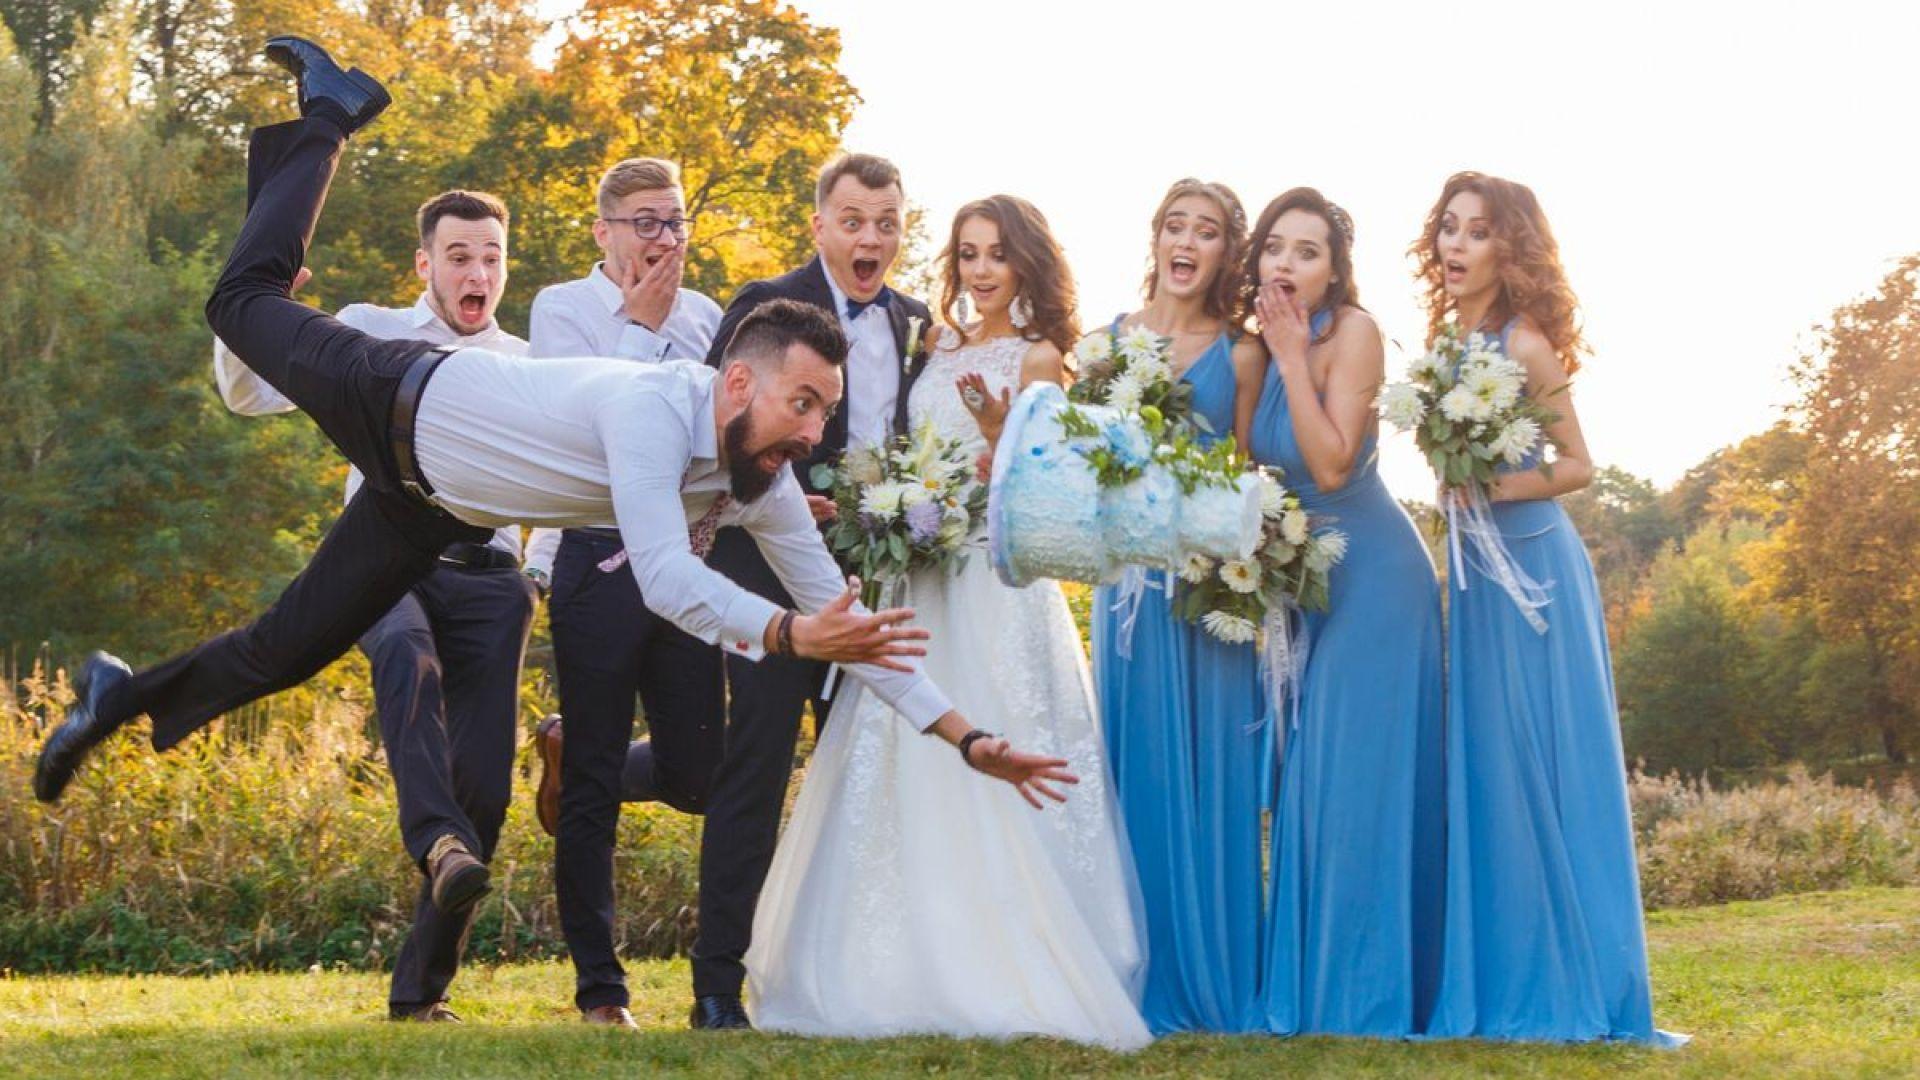 Грешните сватбени решения: за какво съжаляват хората след големия ден